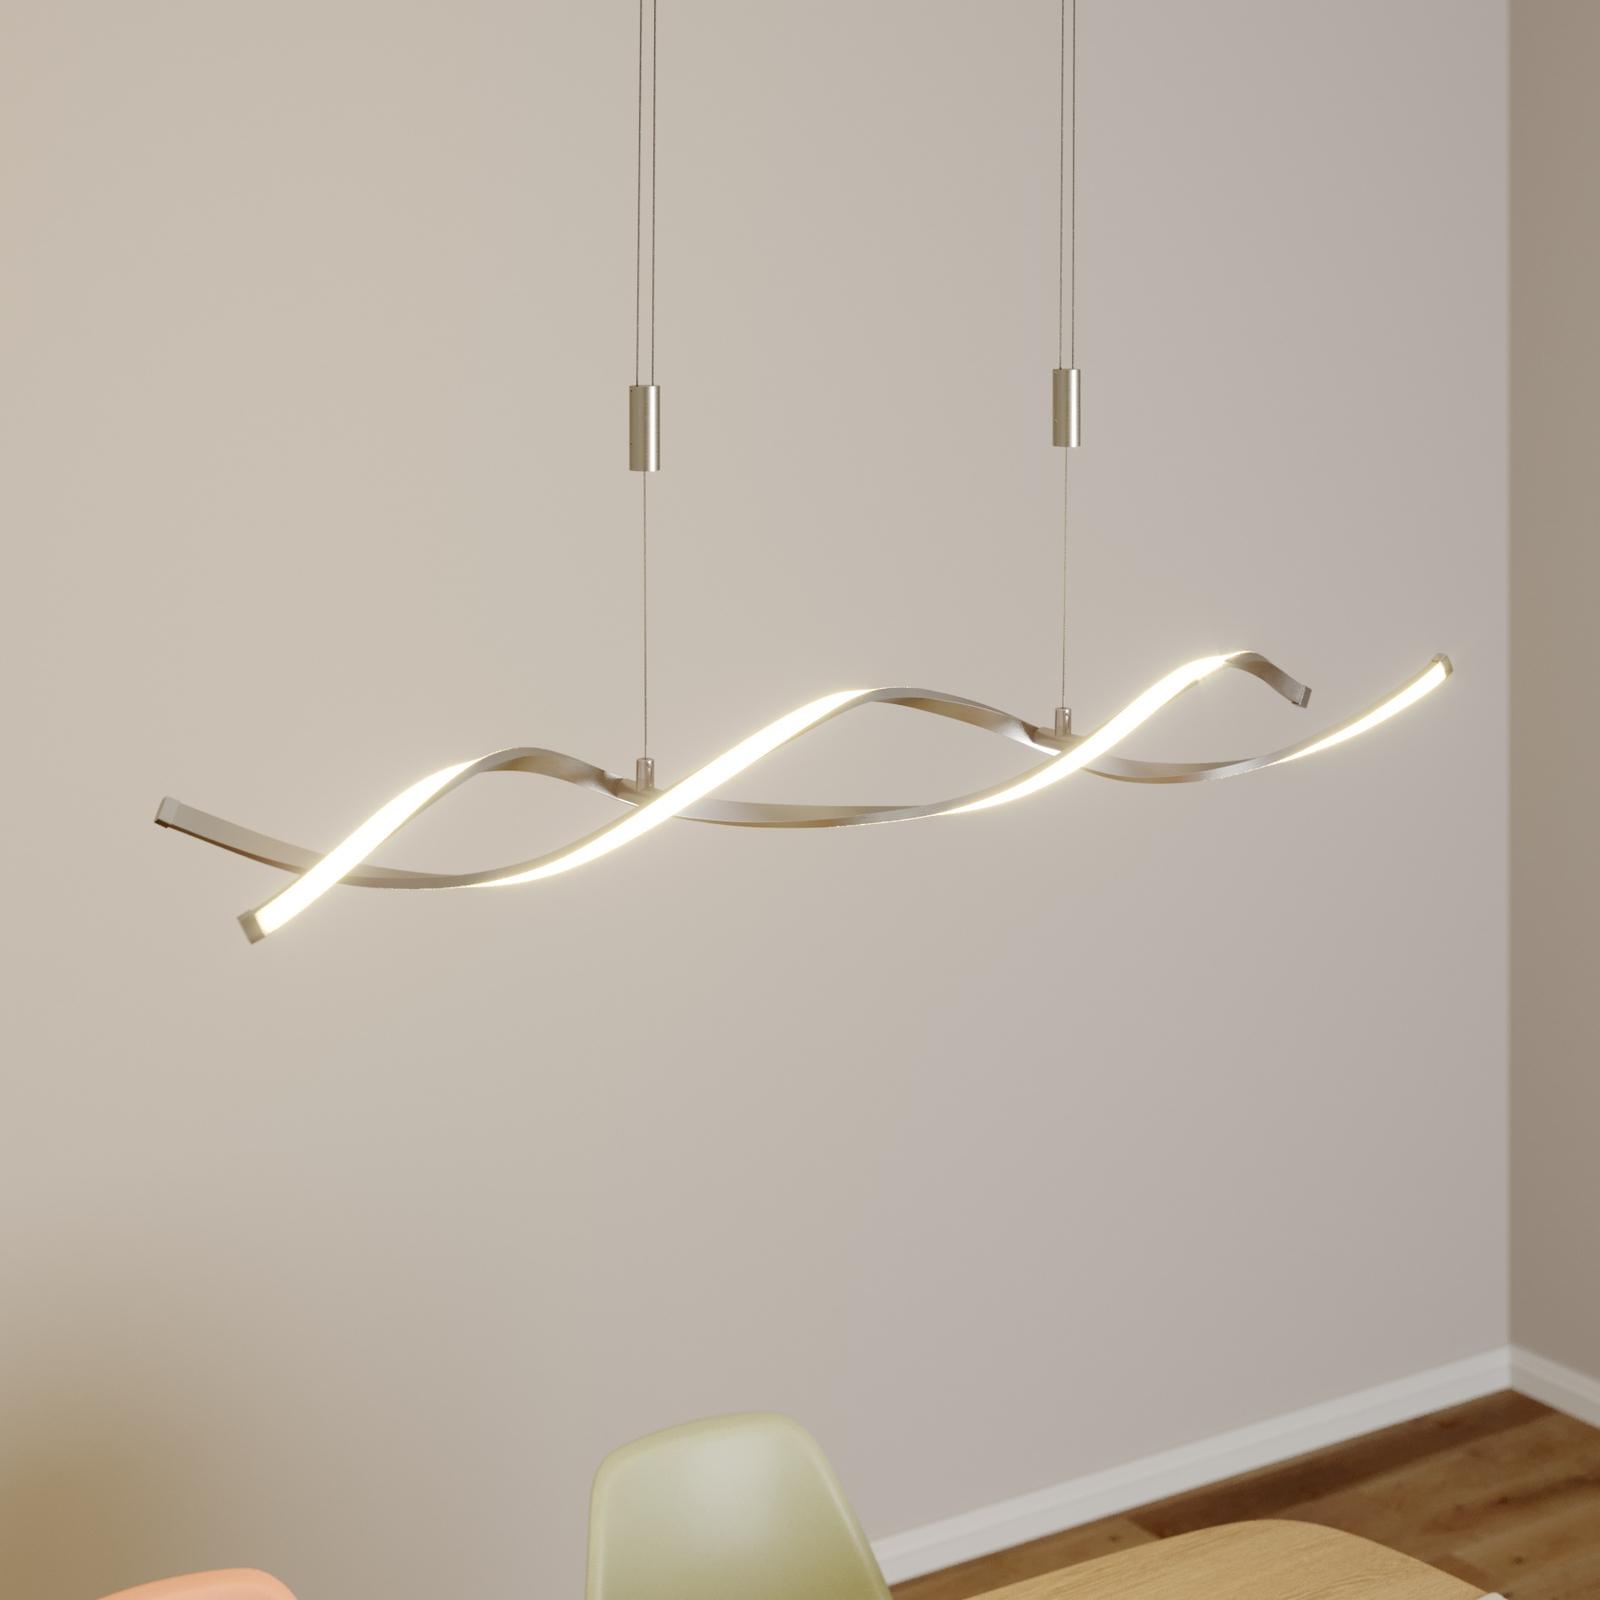 Korkeussäädettävä LED-riippuvalaisin Auron